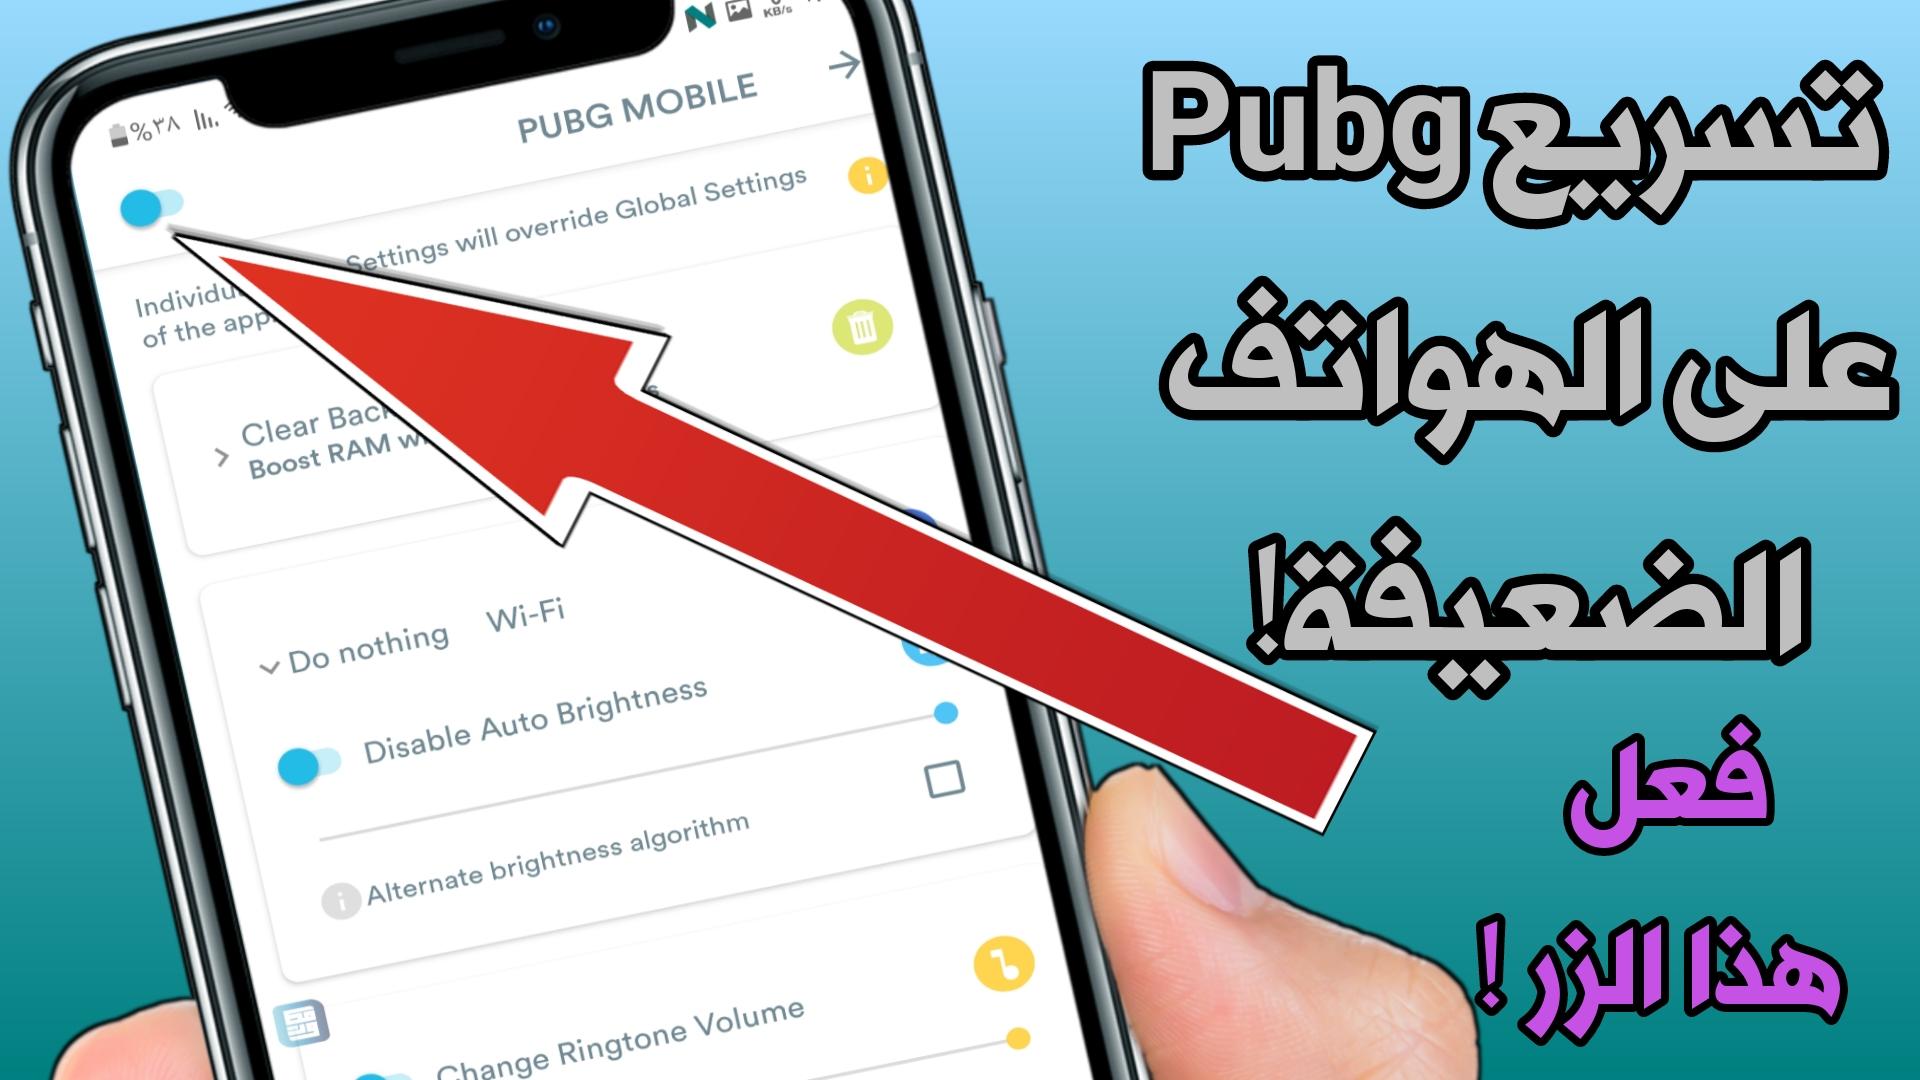 تسريع لعبة Pudg على الهواتف الضعيفة ! أزالة الاك والتقطيع فقط بتفعيل هذا الزر